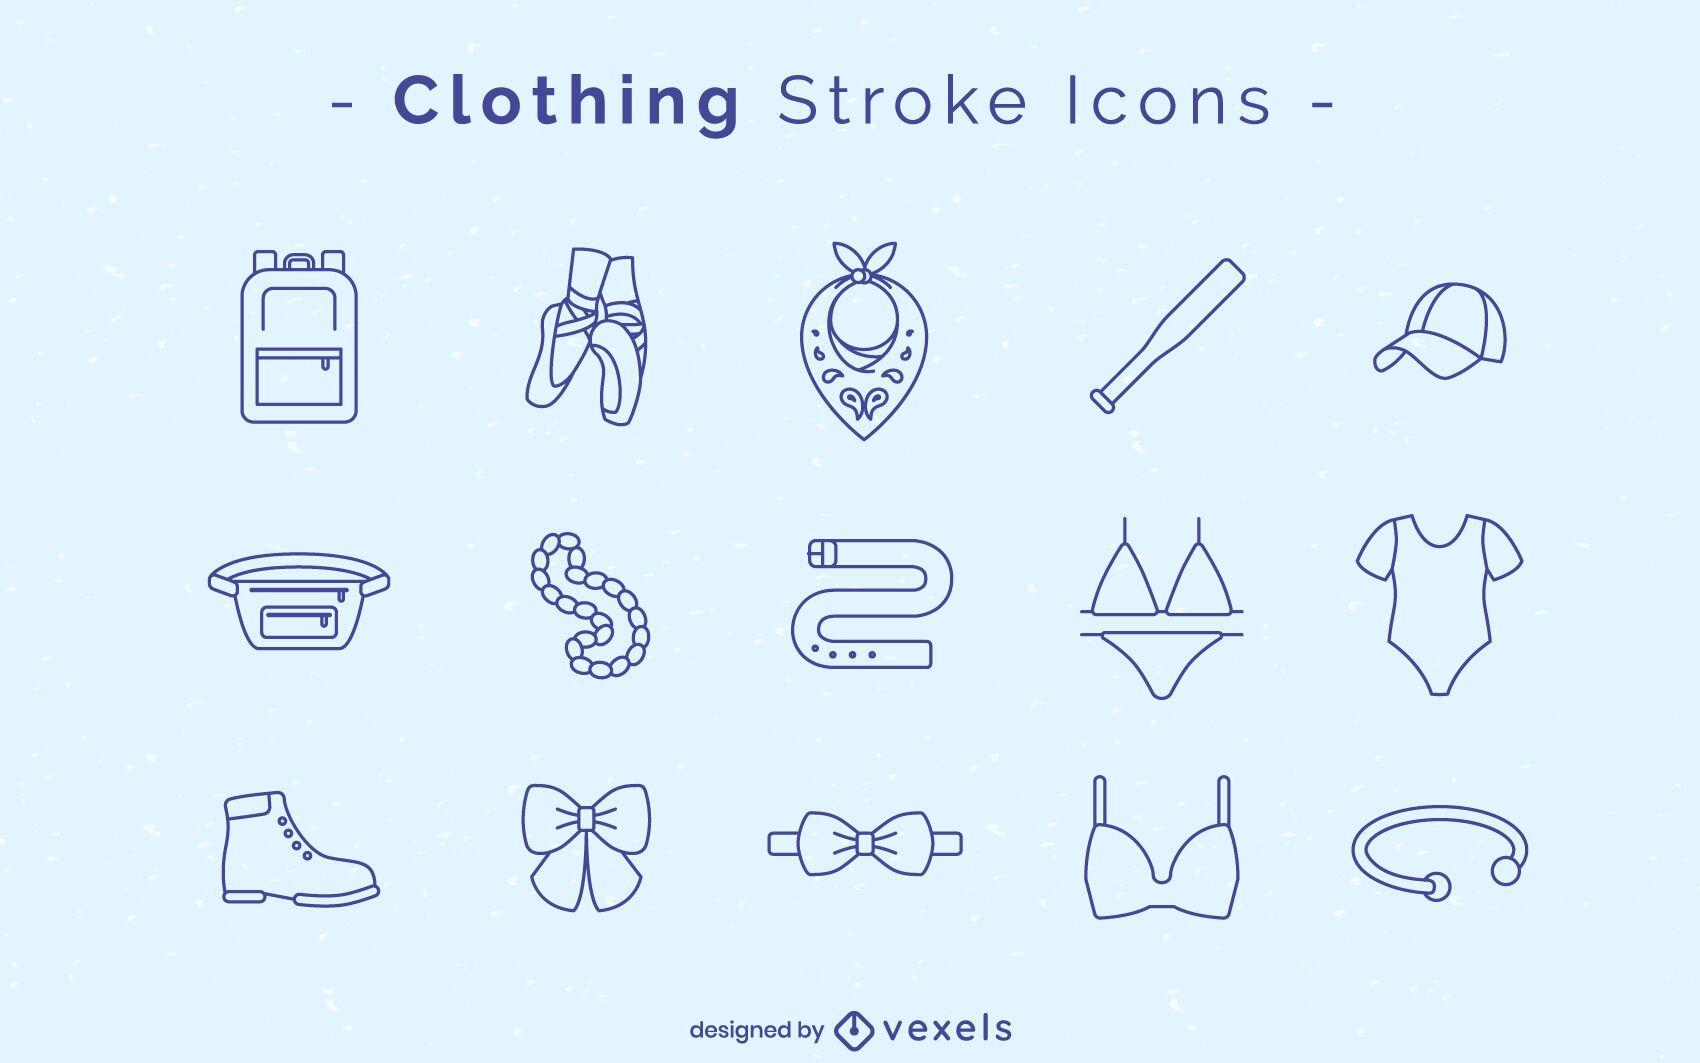 Clothing stroke icon set